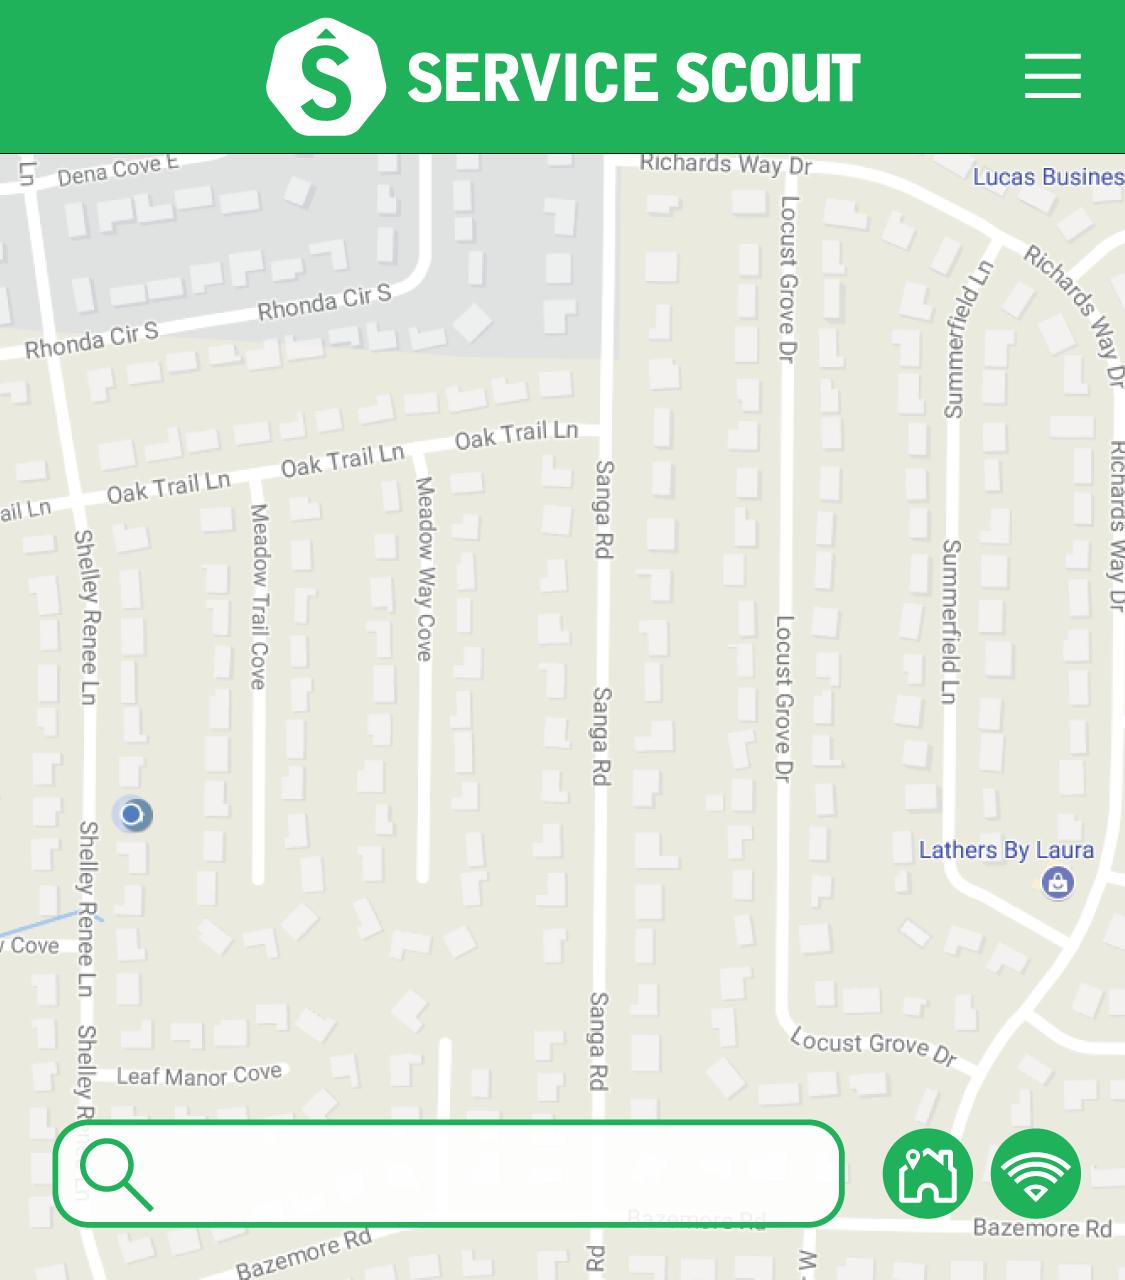 Service-Scout_Application-Design_Branding_Dreamcapture_Memphis-TN